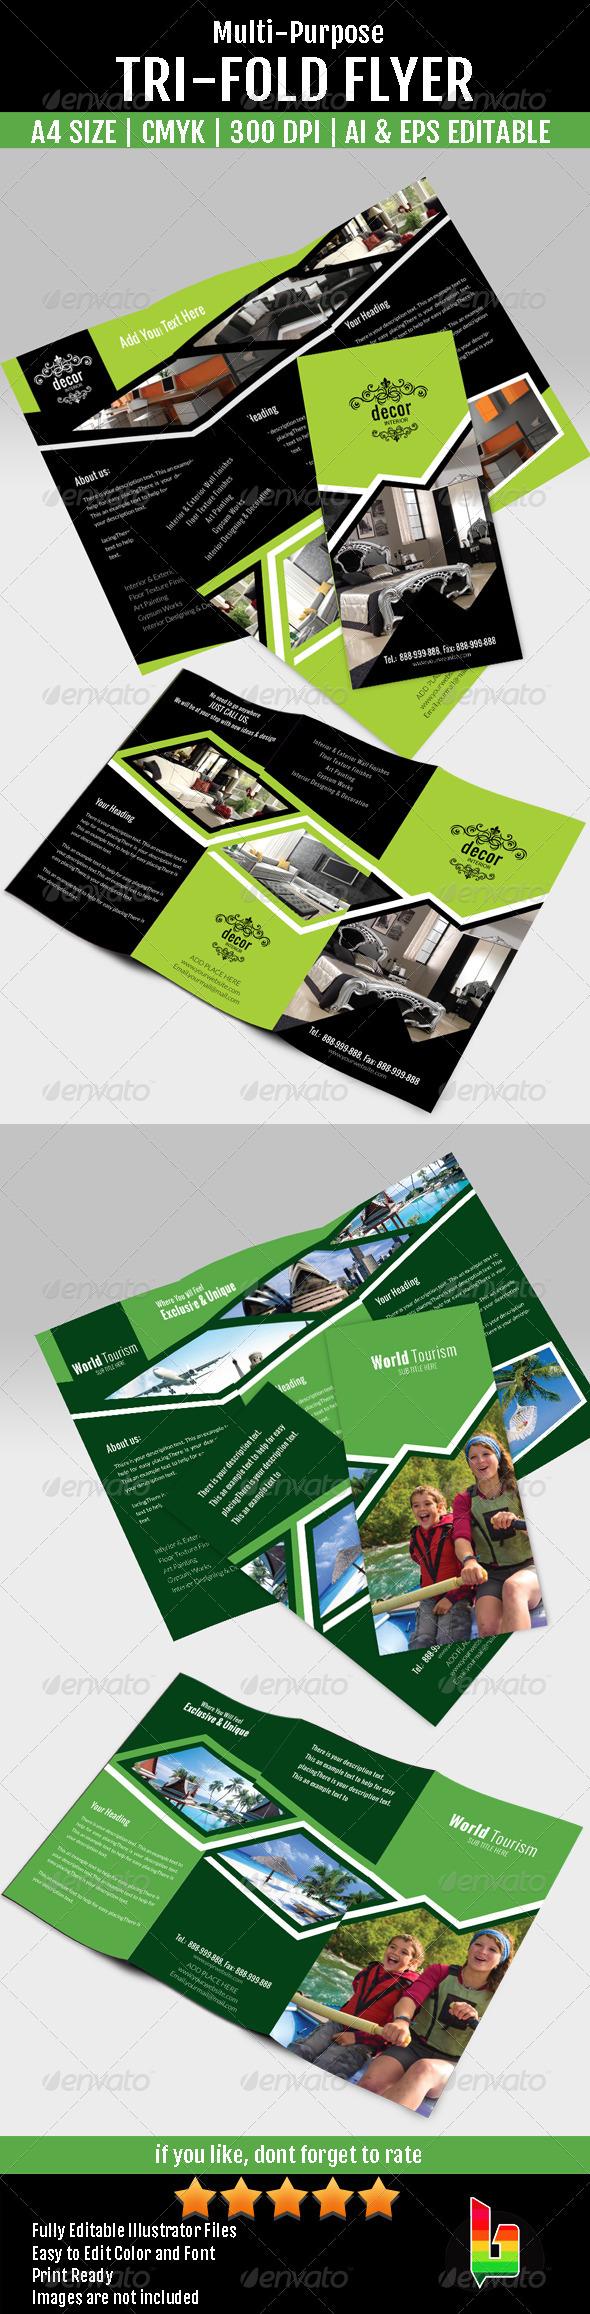 GraphicRiver Multi-Purpose Tri Fold Flyer 7087132